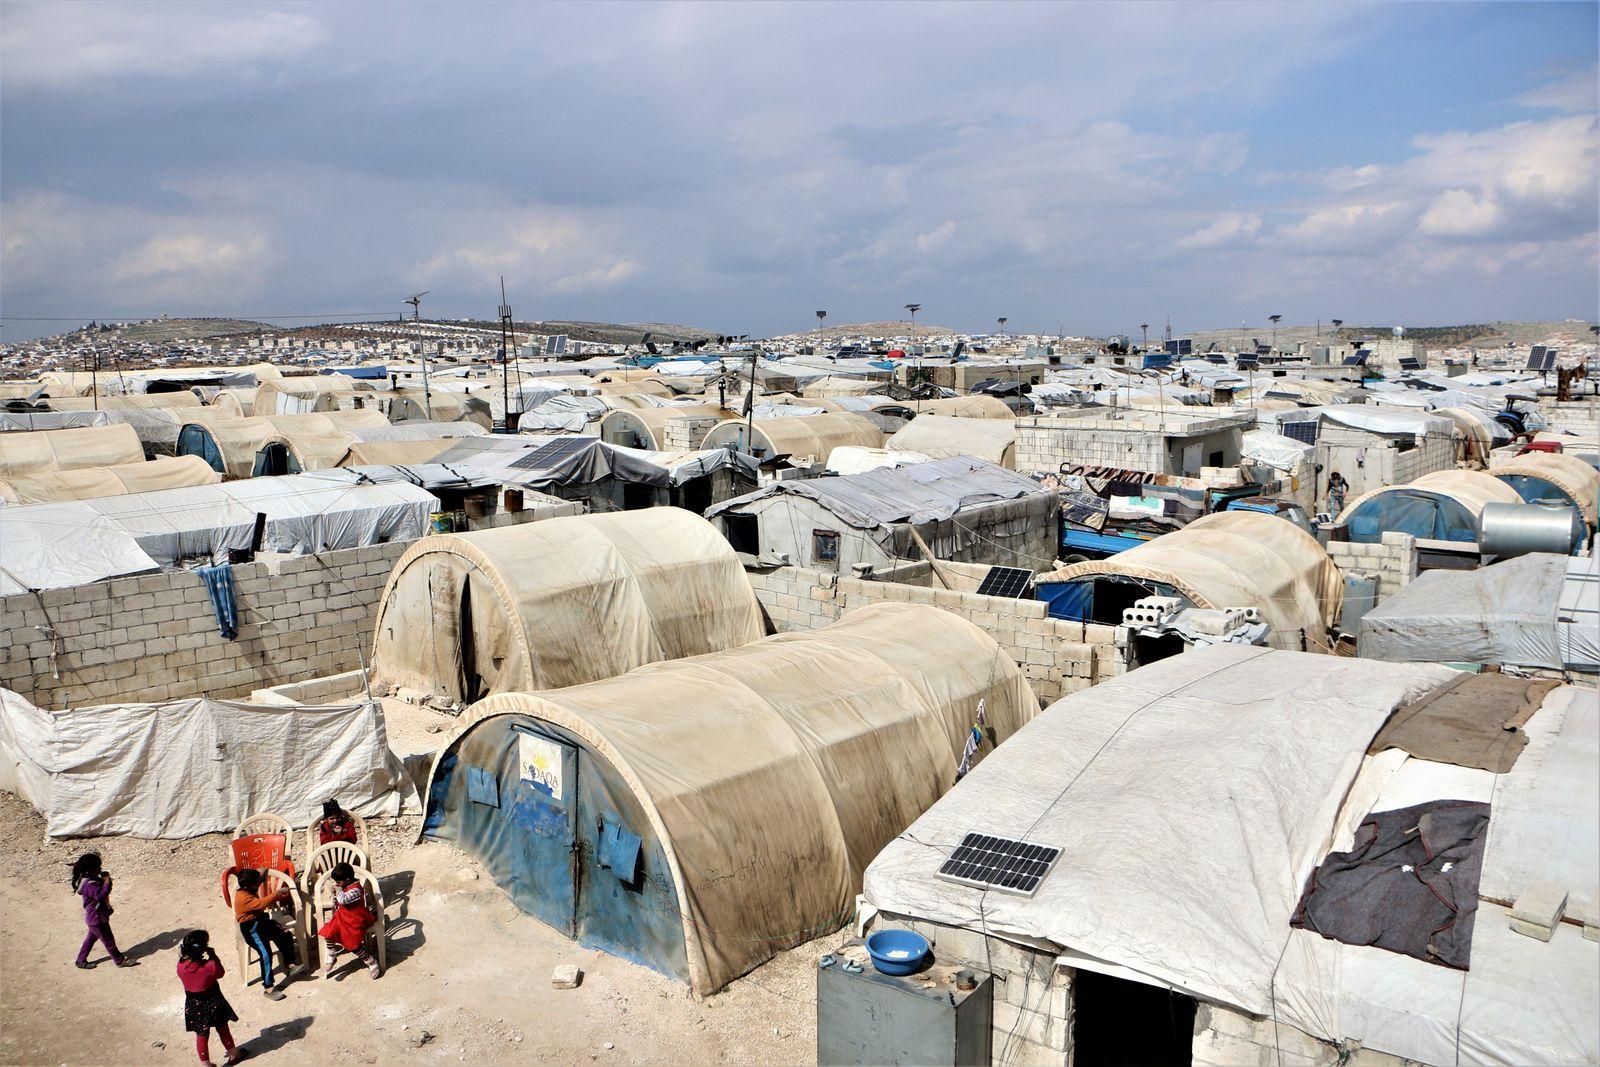 El campamento de Deir Hassan consta de varios asentamientos con más de 120 000 personas desplazadas. ...